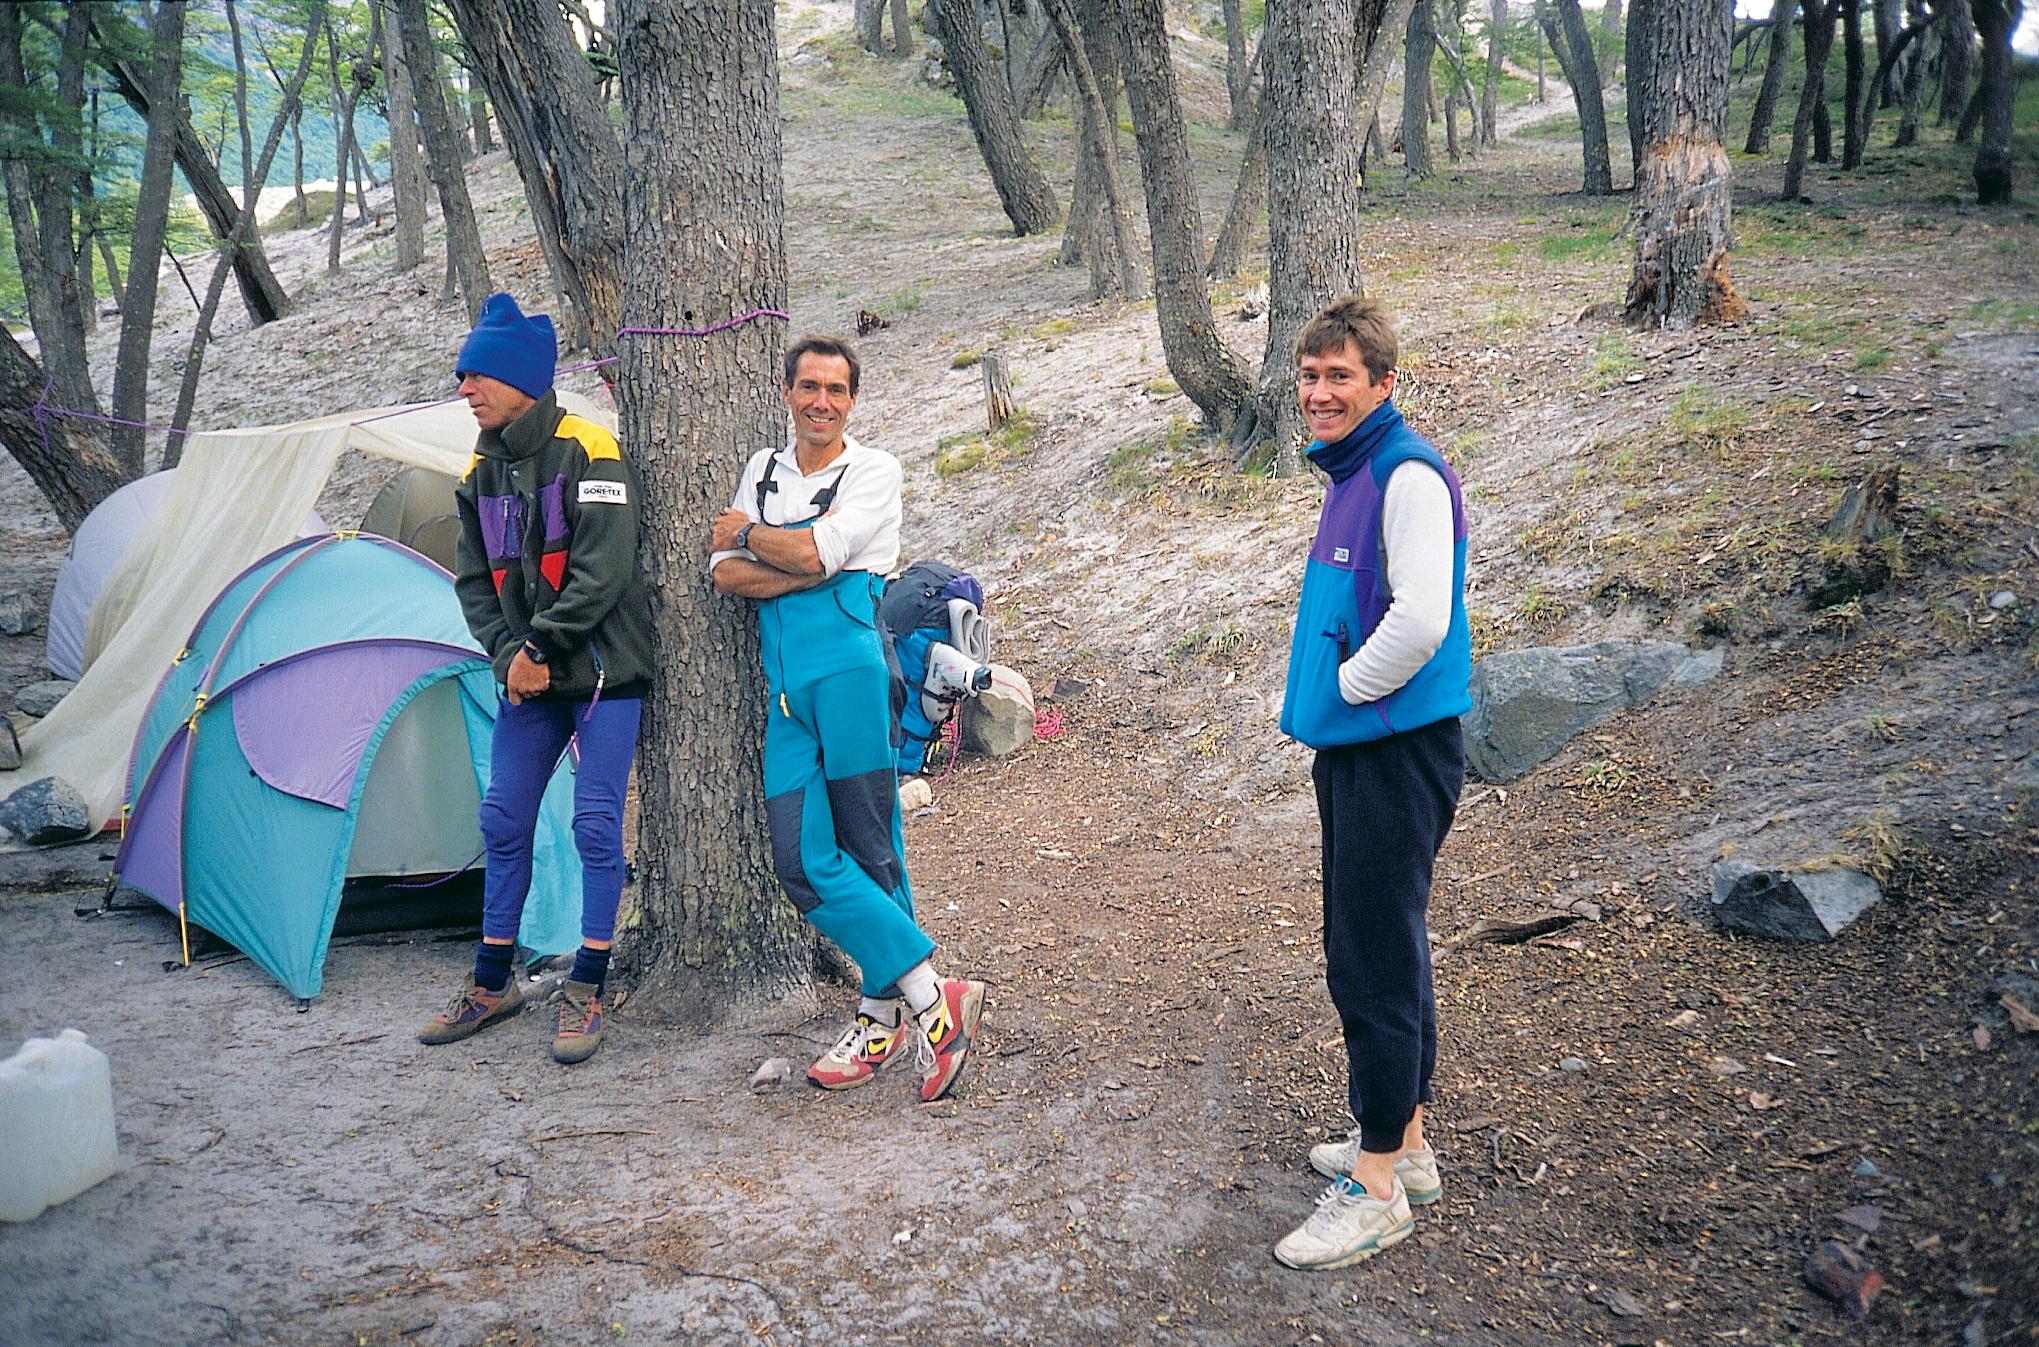 At Cerro Torre base camp, January 1994. L to R: John Fantini, Athol Whimp, Simon Parsons.